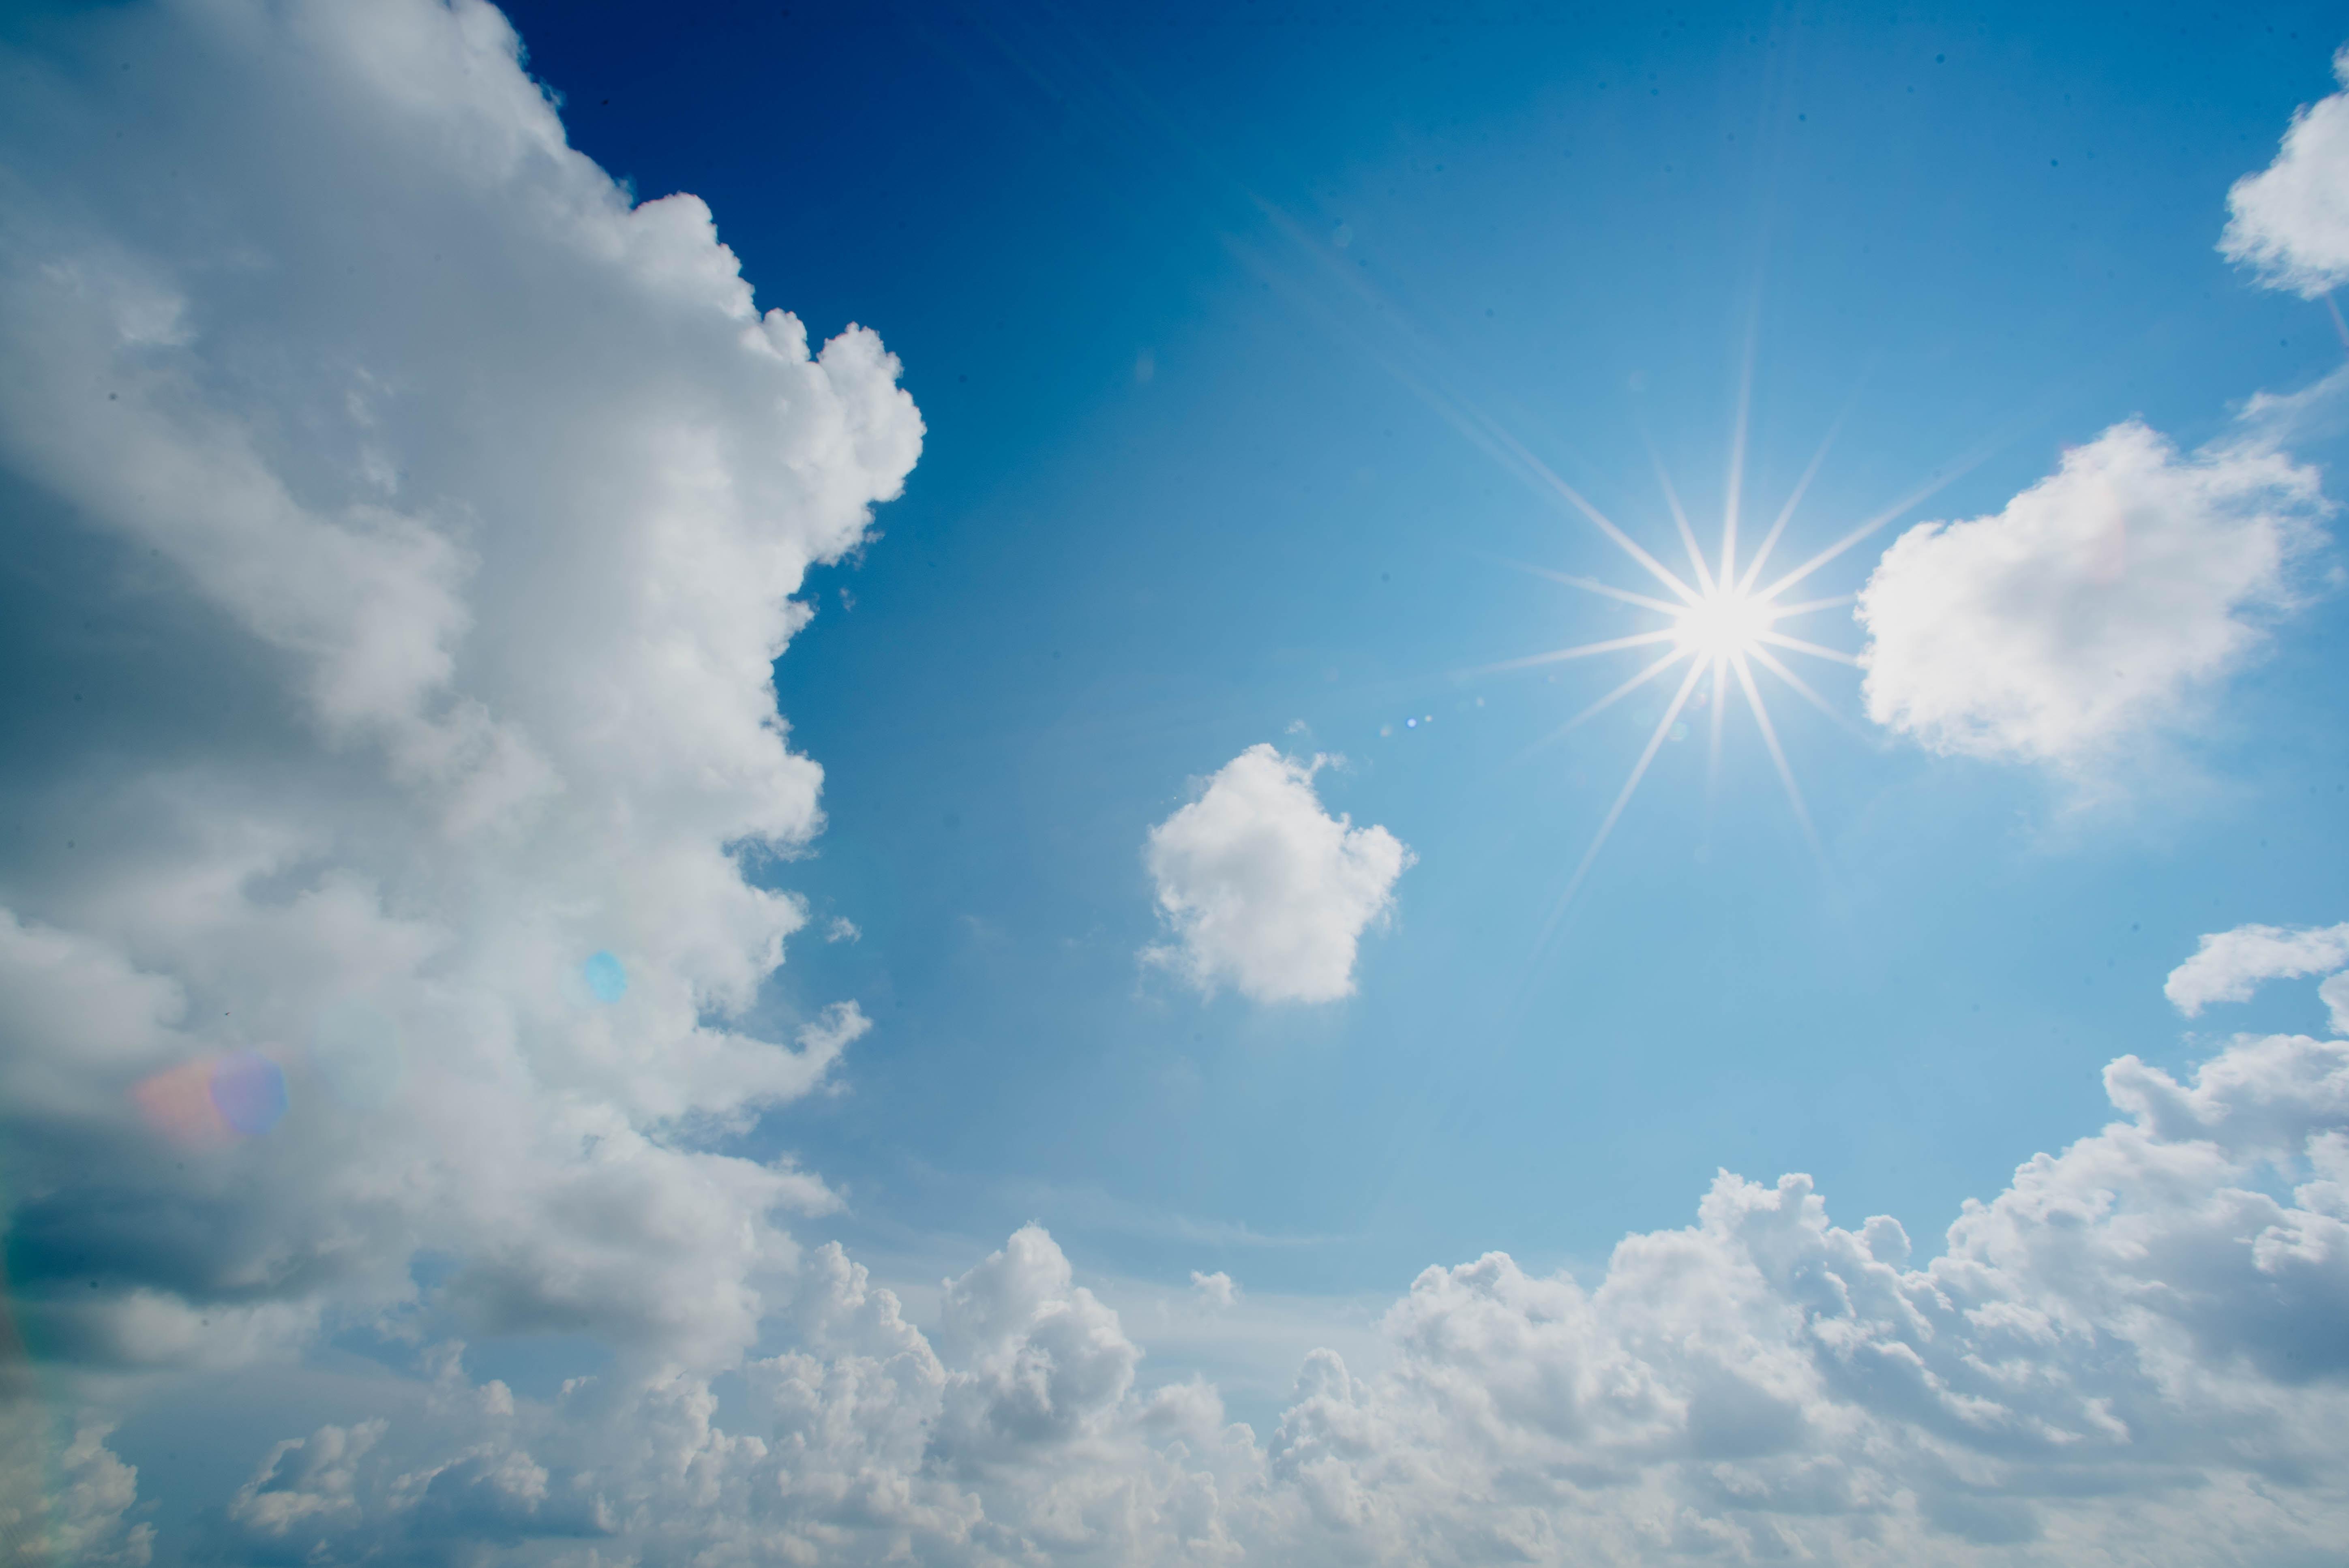 Cobertura de nuvens será variada em todas as regiões nesta segunda (FOTO: Reprodução/Unsplash)